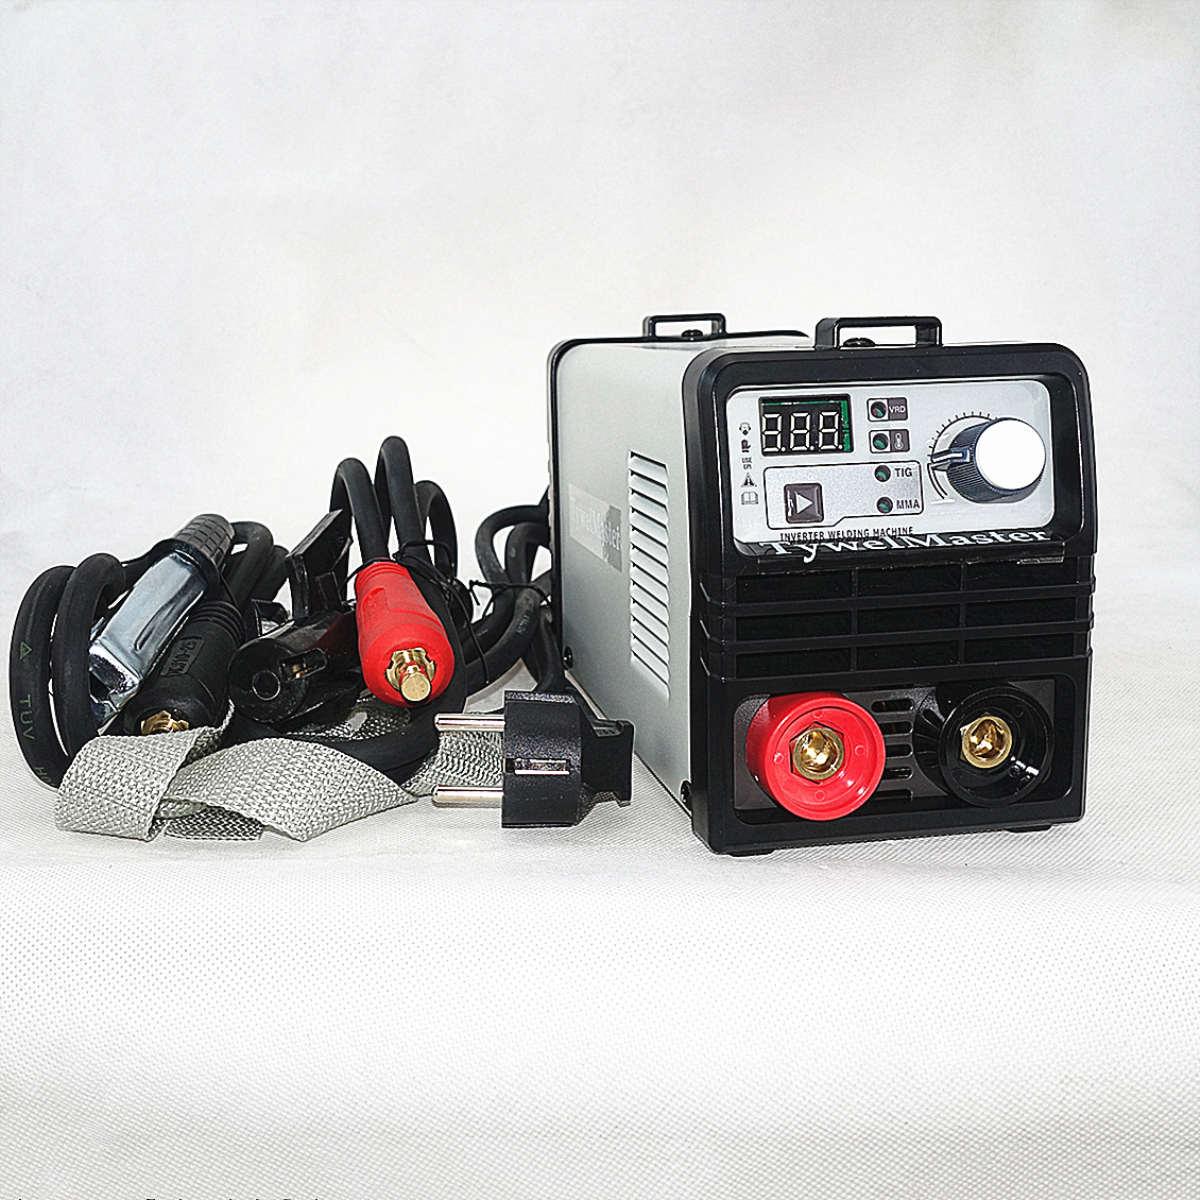 140/160A DC Inverter TIG Schweißer 160-270V VRD Stick Elektrode 1,0-3,2mm Tragbare IGBT MMA Arc Schweiß Maschine